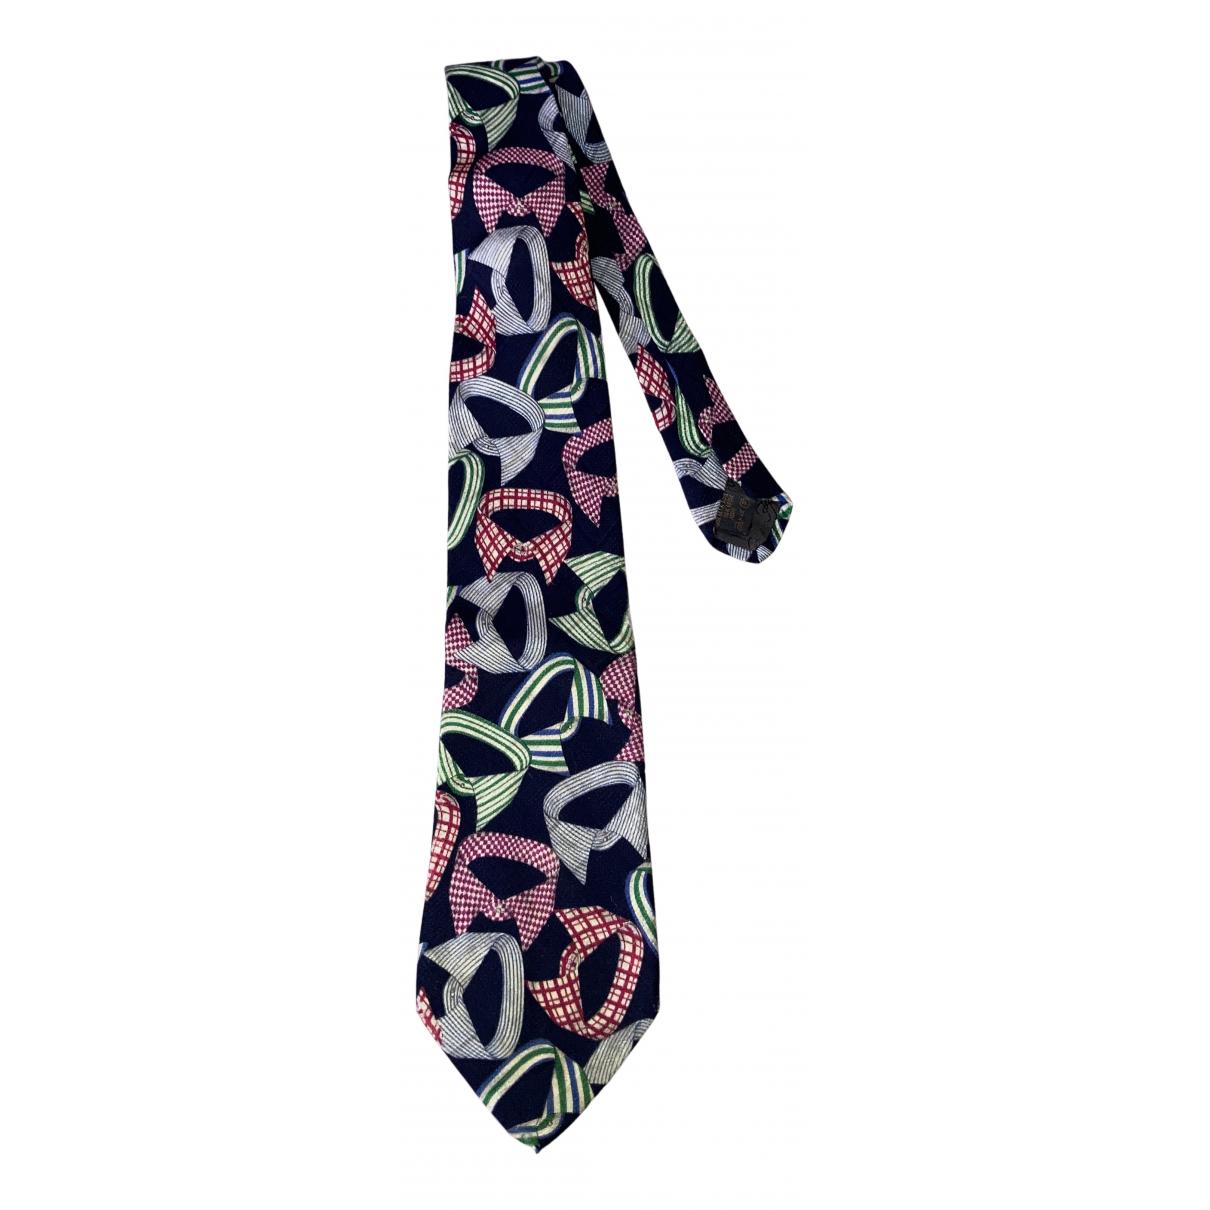 Karl Lagerfeld - Cravates   pour homme en soie - marine